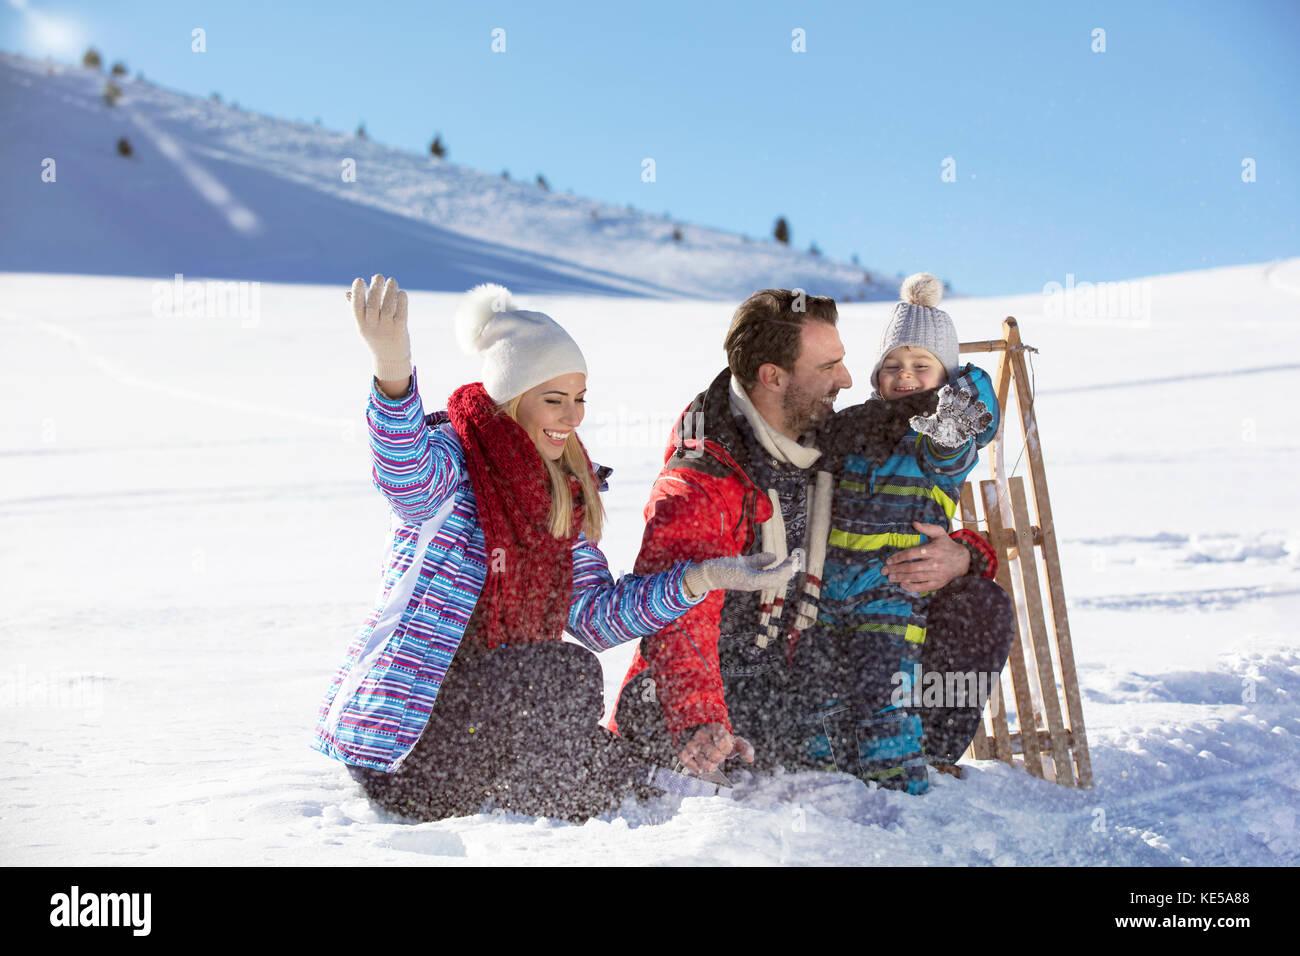 Los paseos en familia feliz el patín en el invierno la madera, alegres entretenimientos de invierno Imagen De Stock